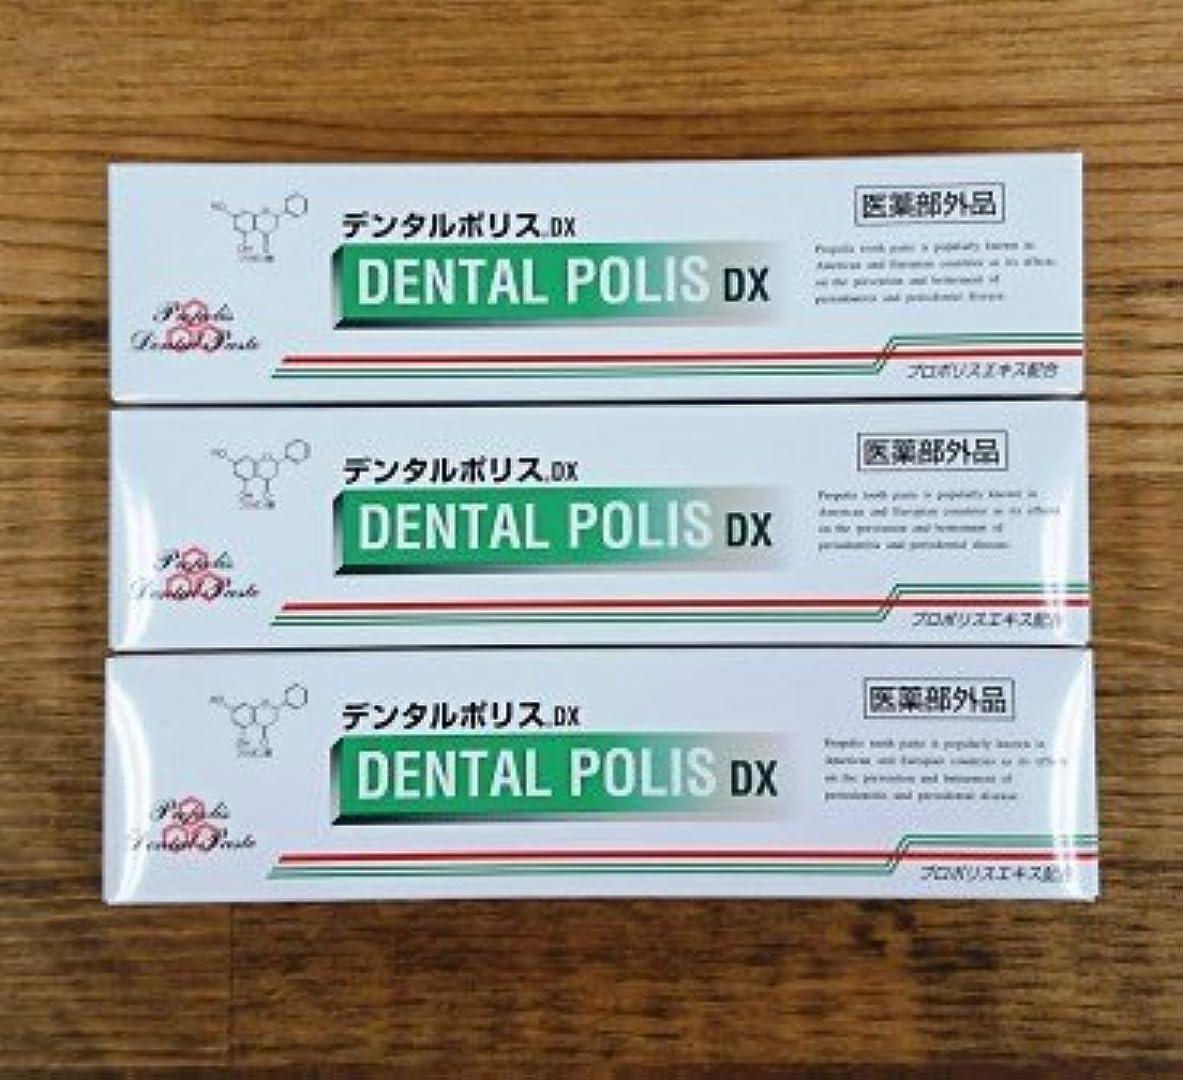 同等の弓ビュッフェデンタルポリスDX80g×3本セット 医薬部外品  歯みがき